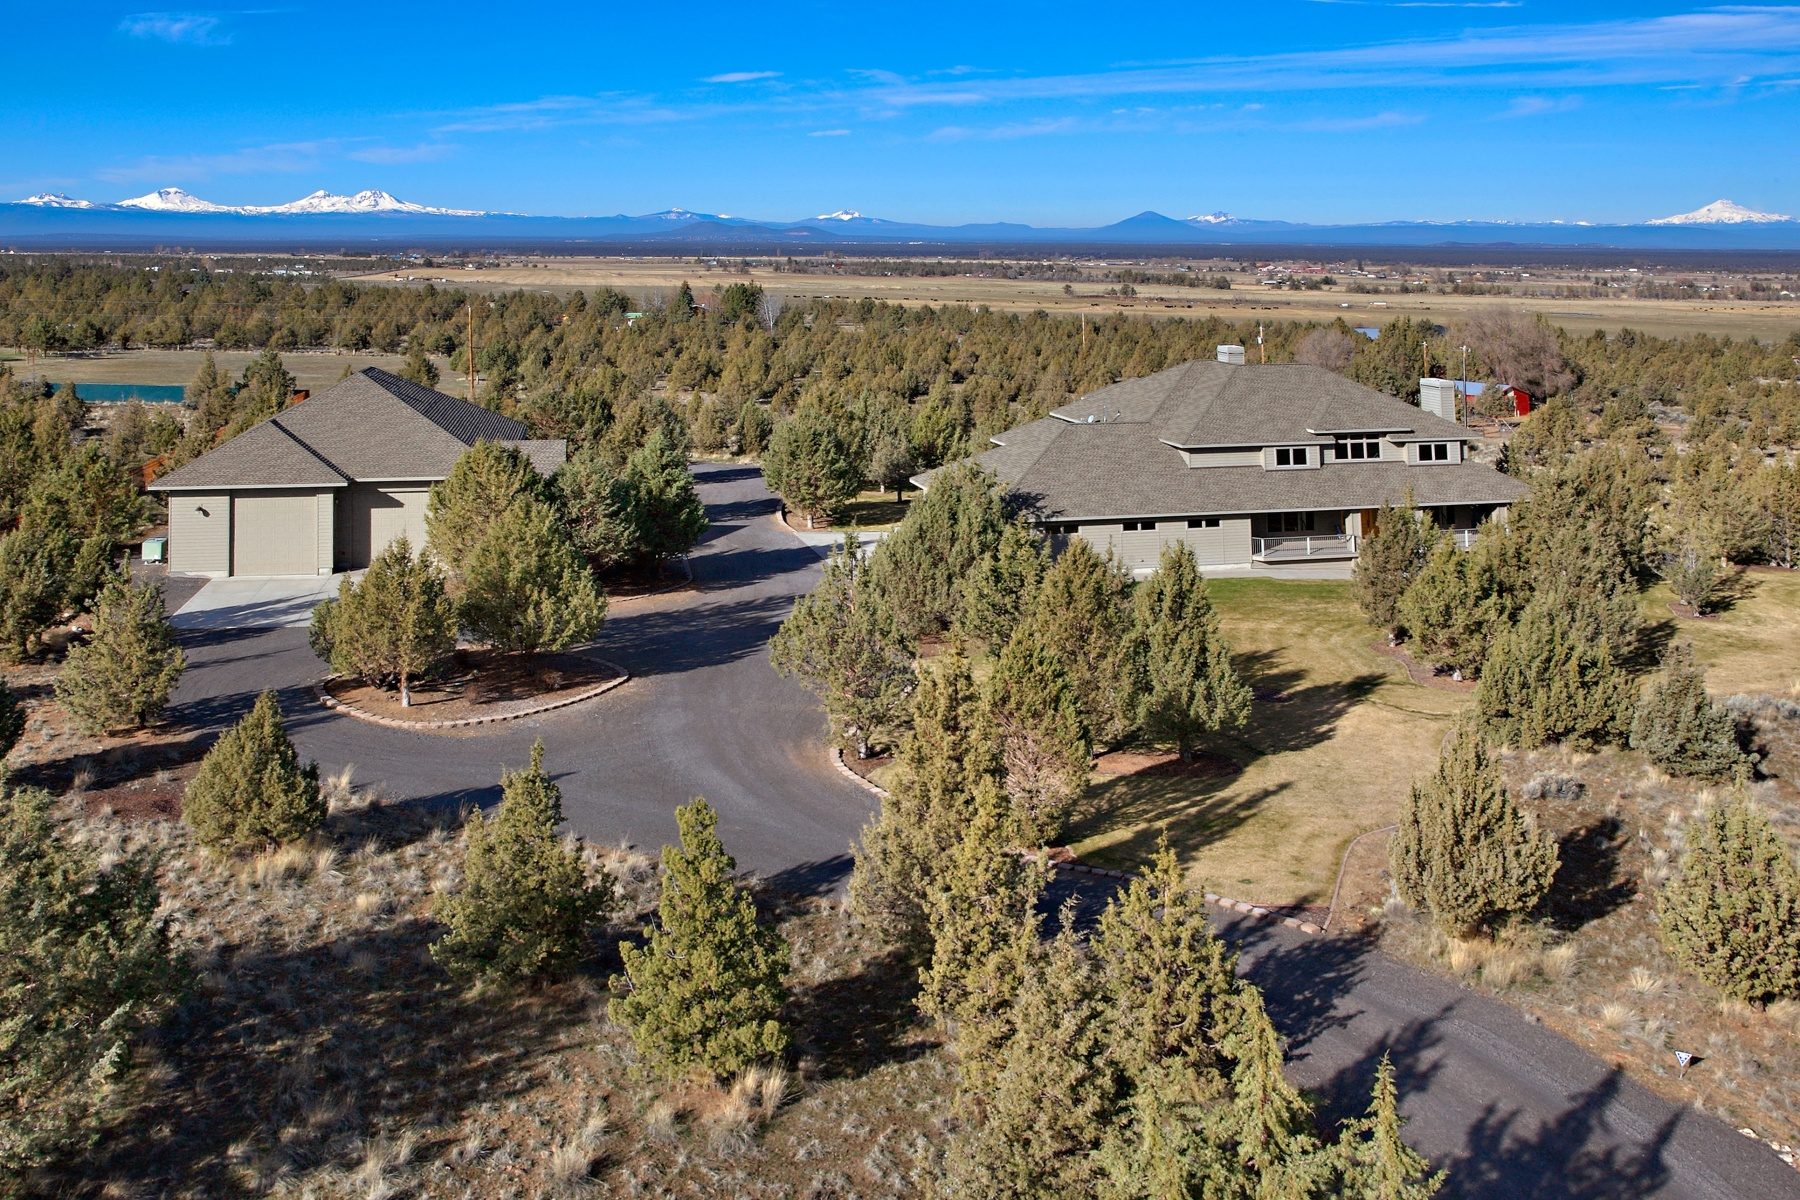 Casa Unifamiliar por un Venta en Stunning Views in Powell Butte! 7485 SW Joshua Ct Powell Butte, Oregon, 97753 Estados Unidos